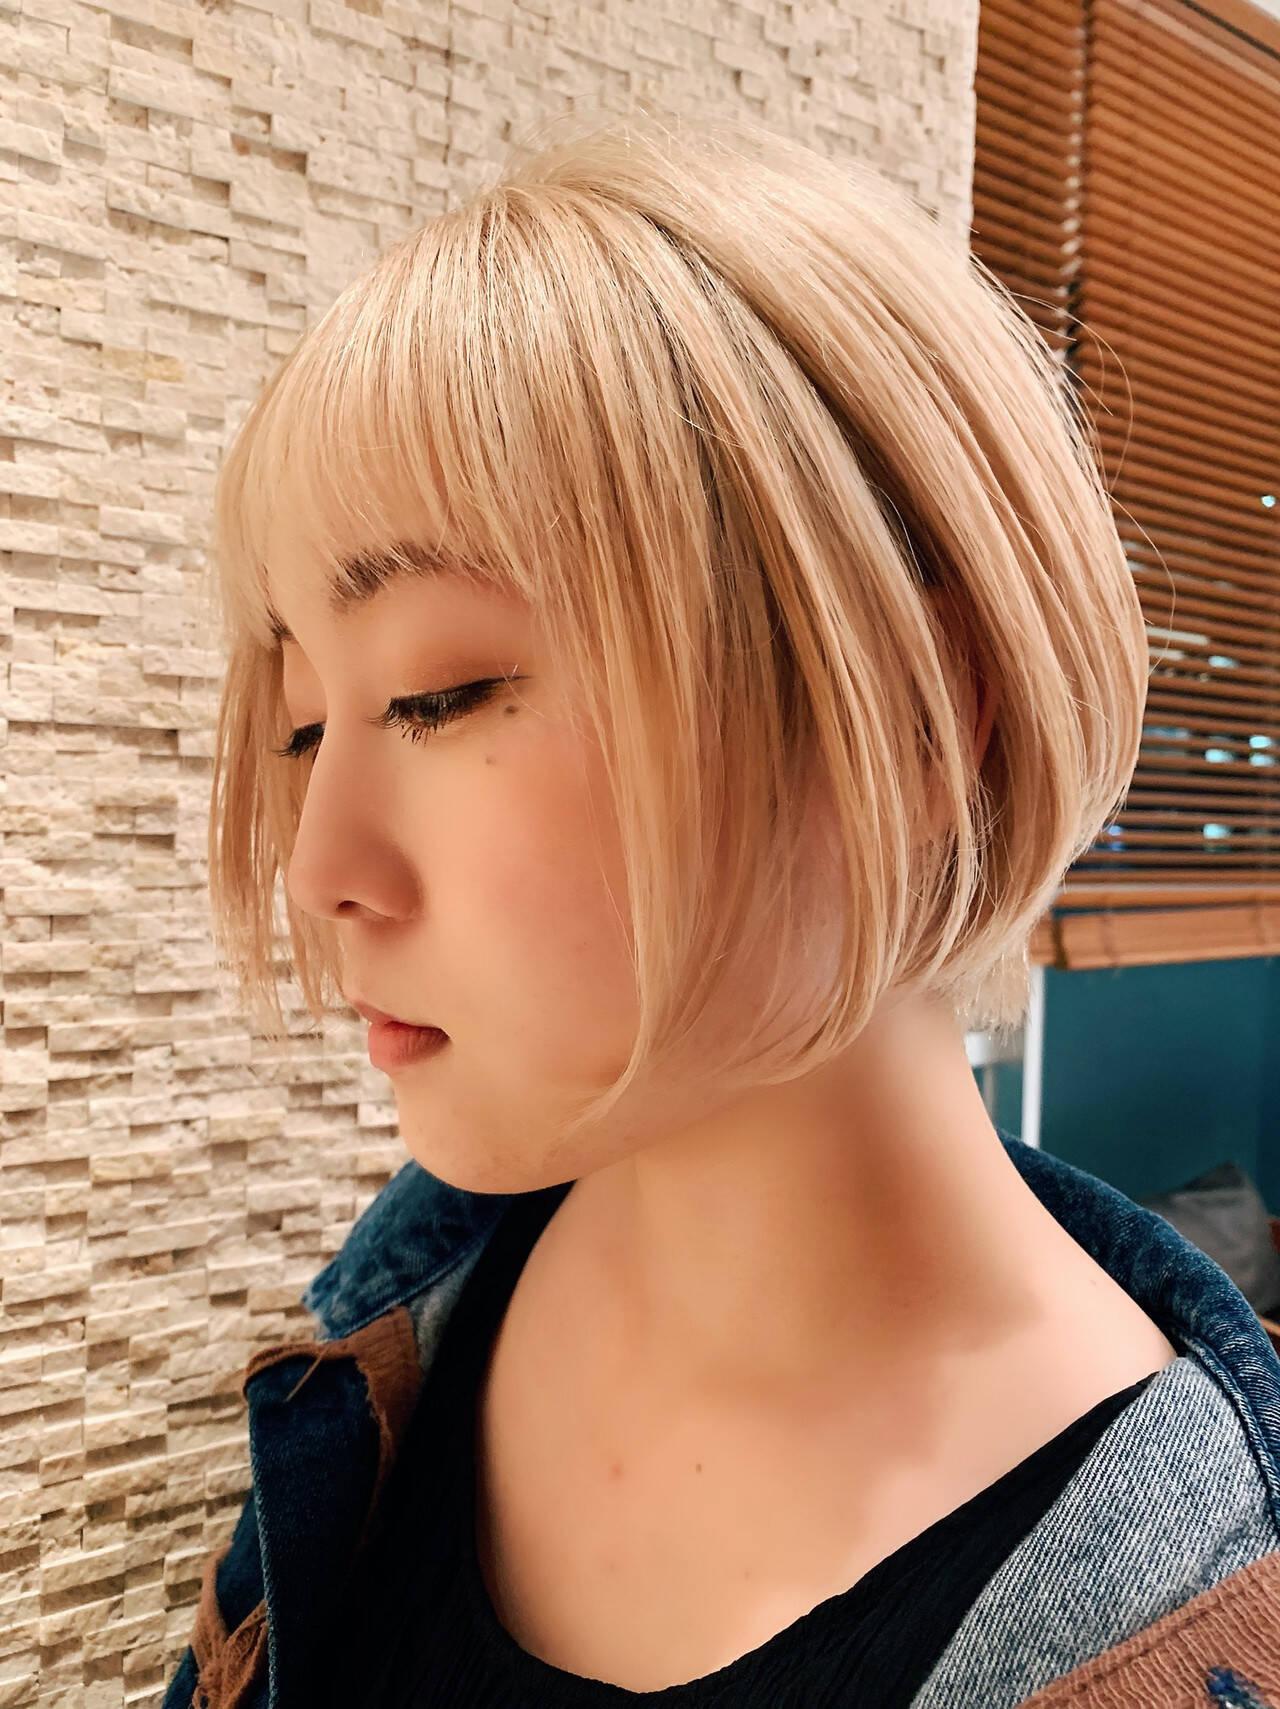 似合わせカット 阿藤俊也 PEEK-A-BOO ショートボブヘアスタイルや髪型の写真・画像